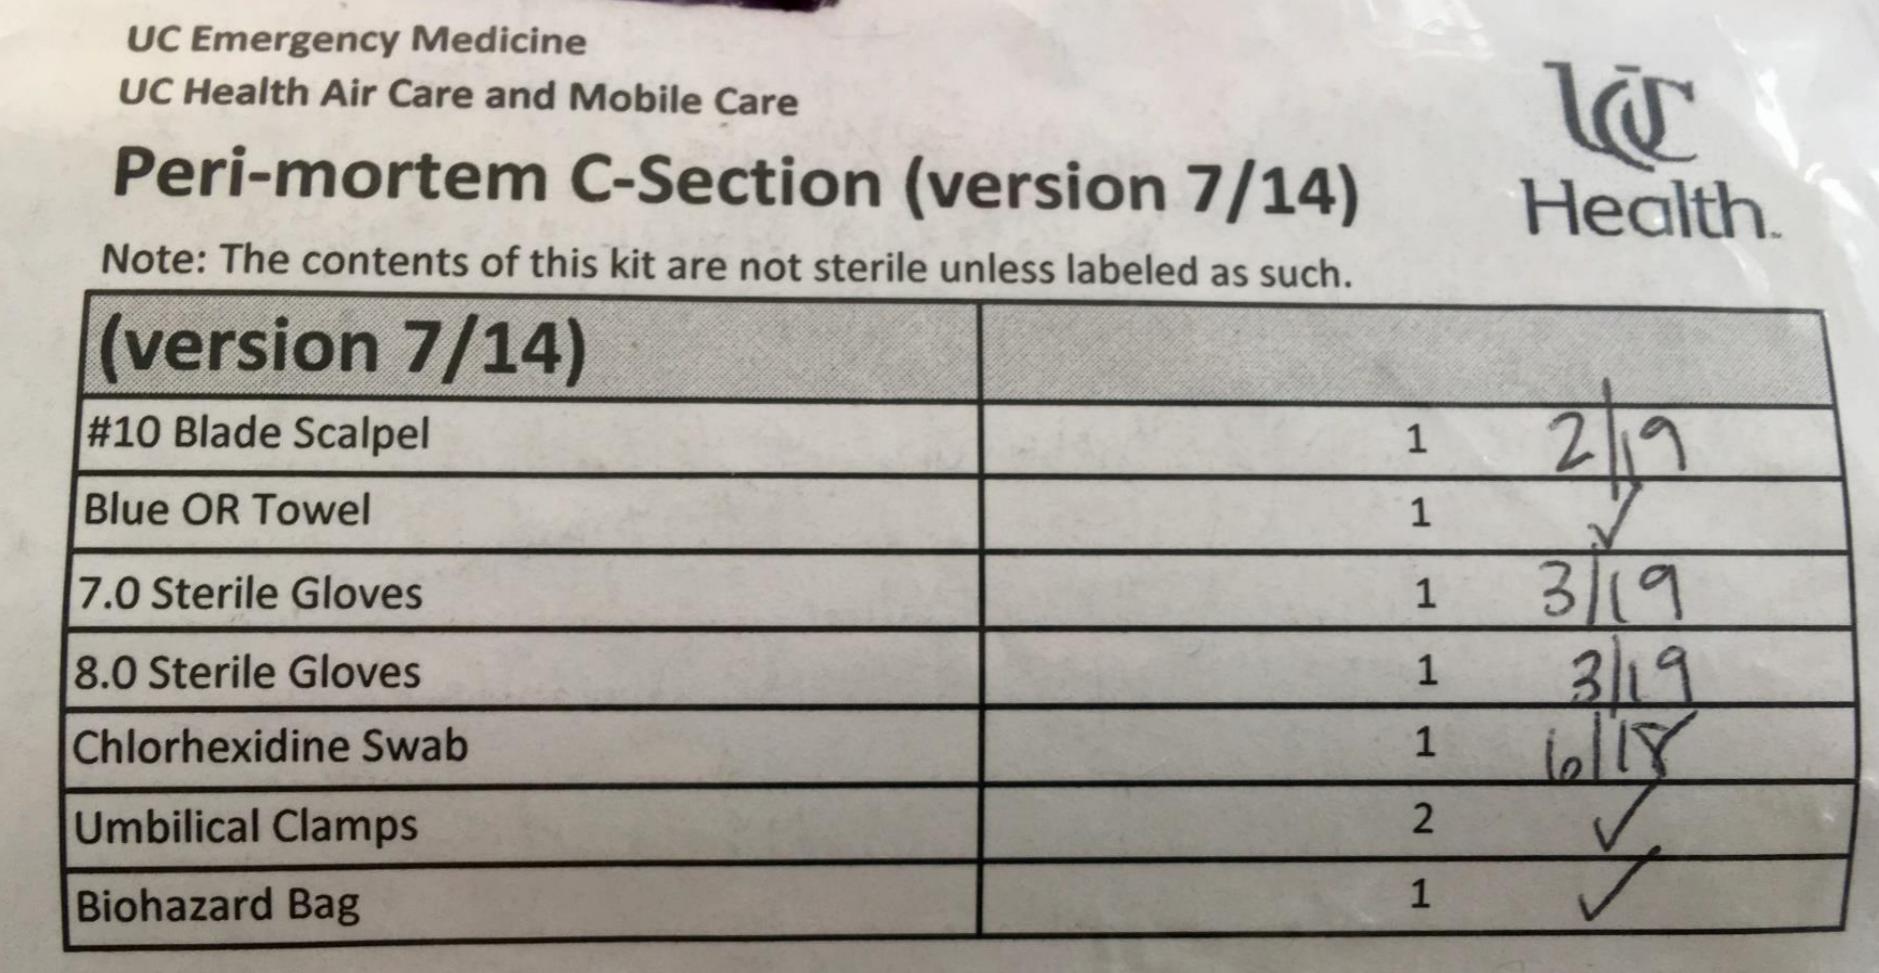 Figure 4. RH Kit content list